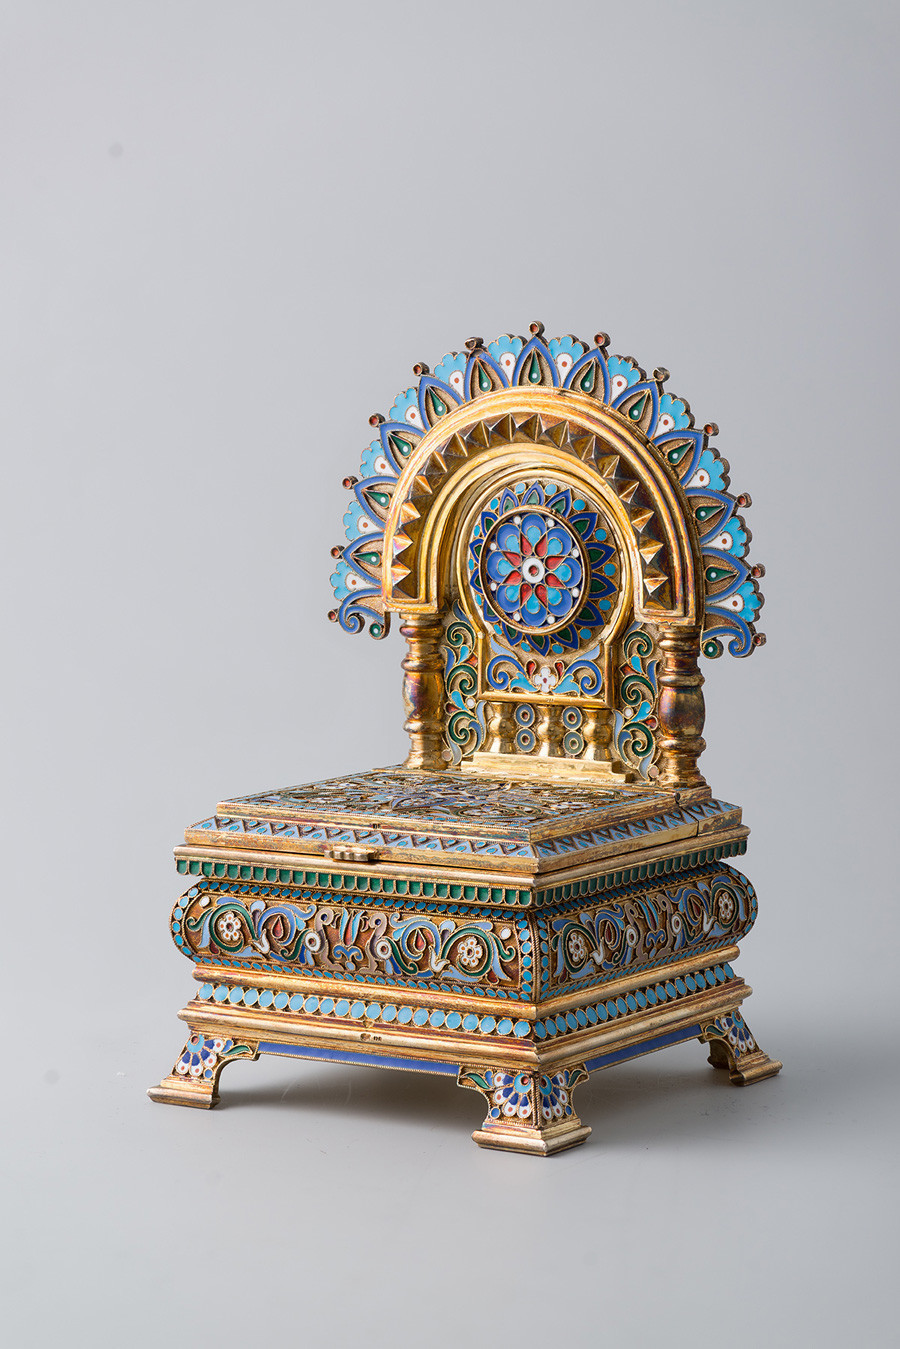 Solnica. Podjetje za izdelovanje okraskov in nakita P.A. Ovčinnikova, 1894